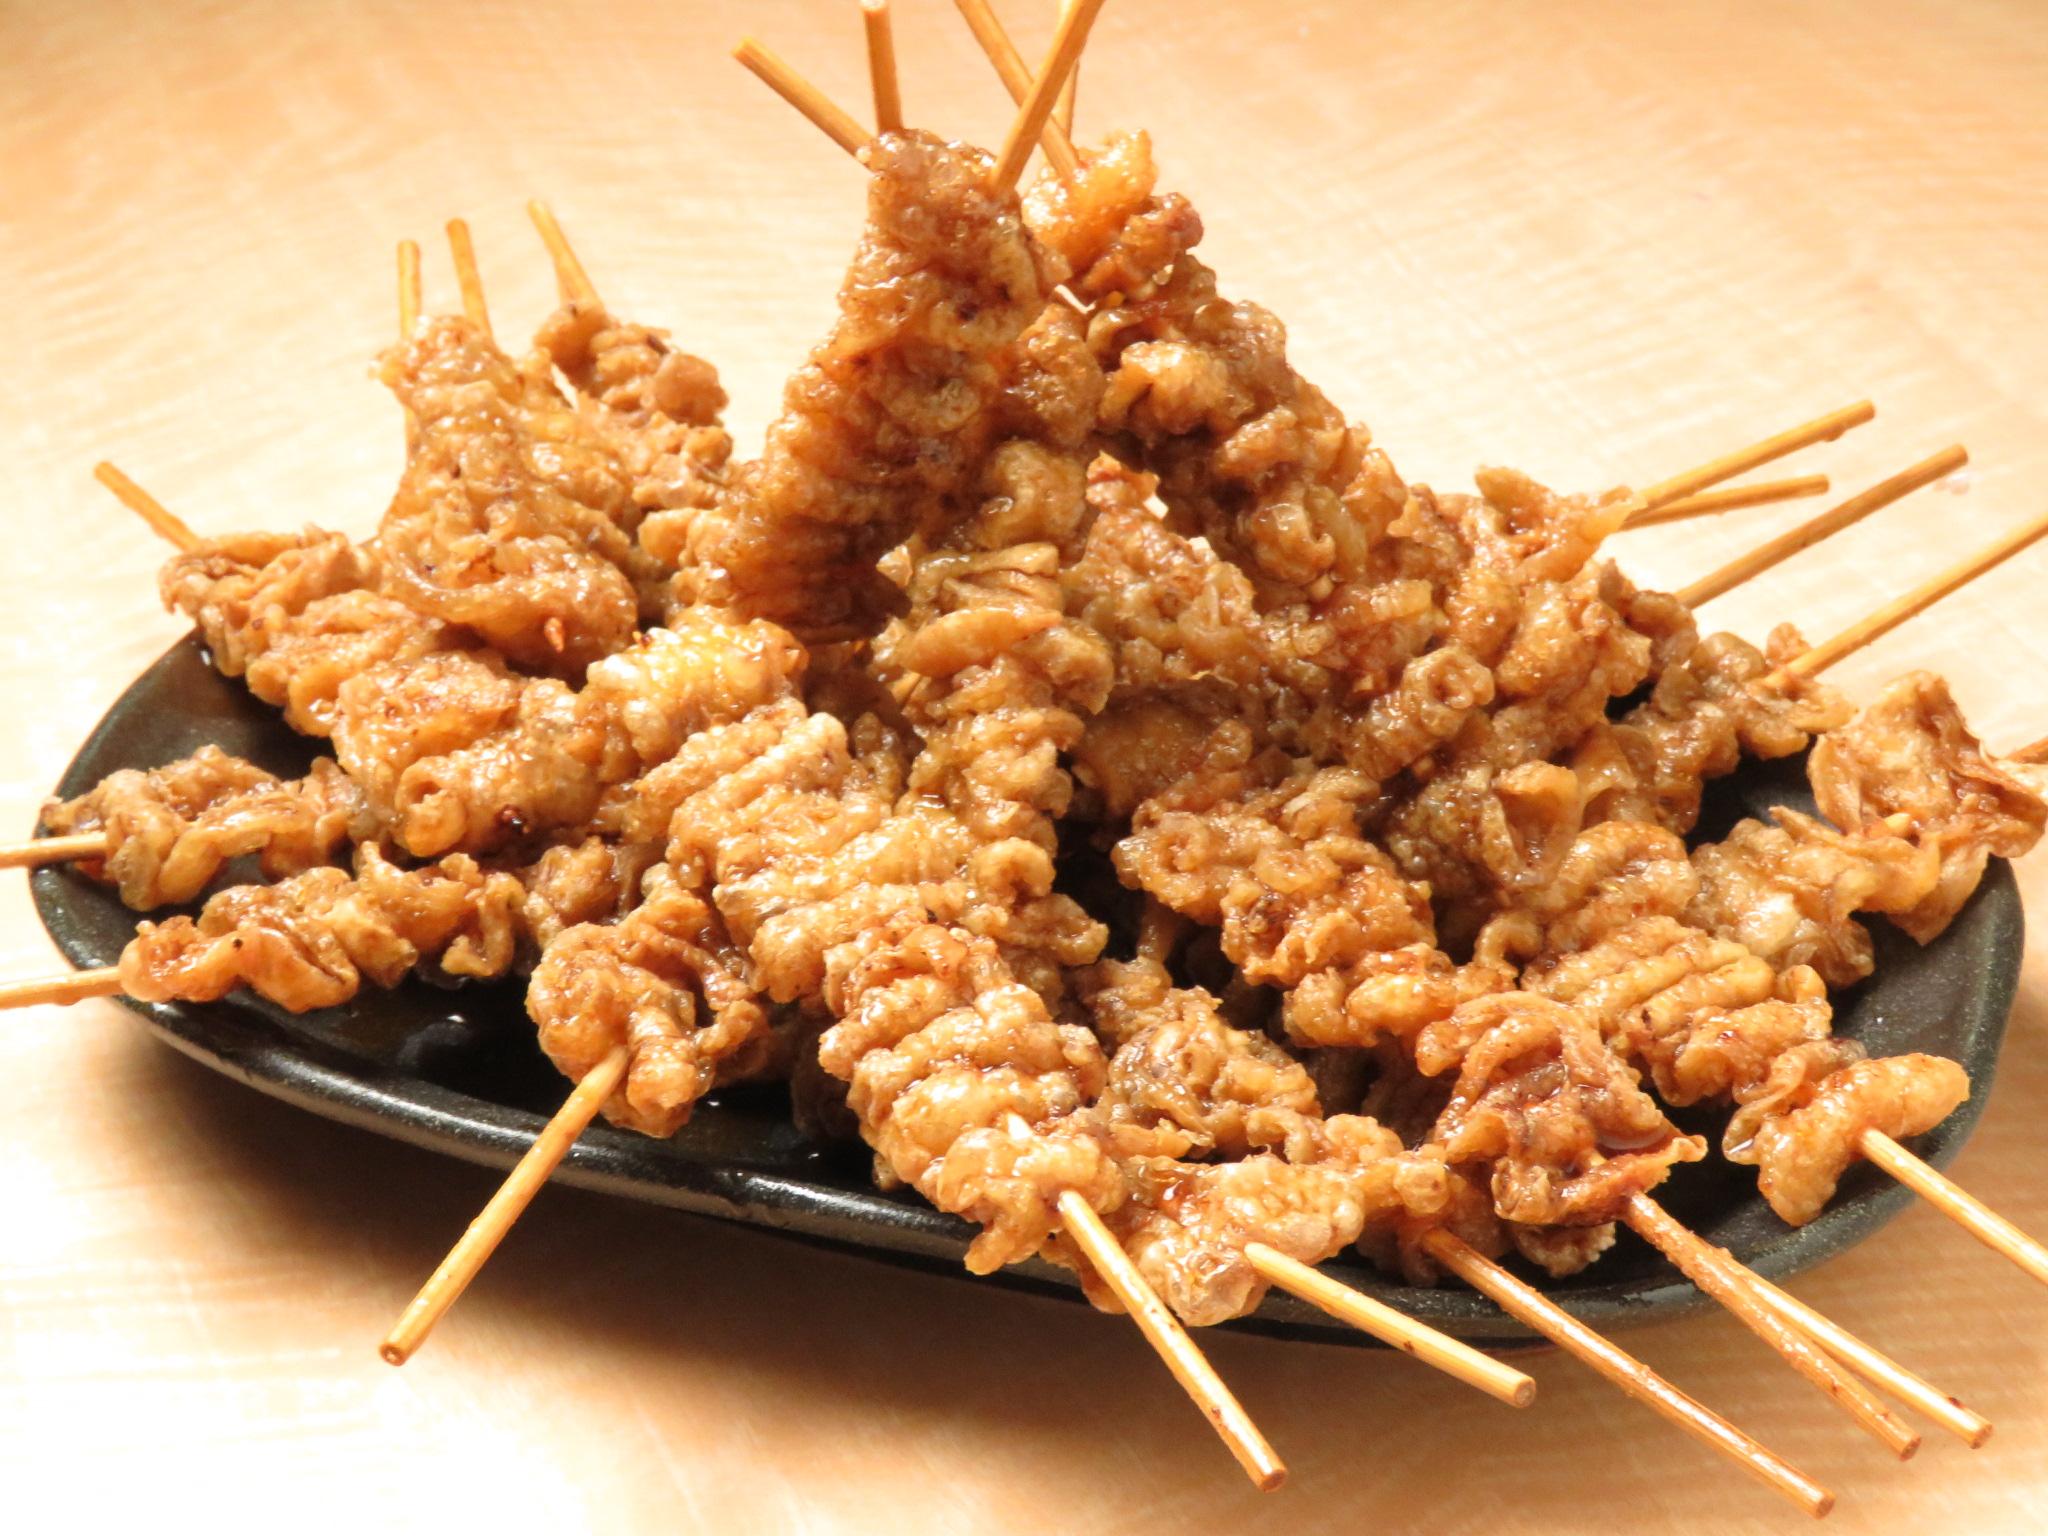 【とりいちず酒場 西武新宿駅前店】の病みつき鶏料理